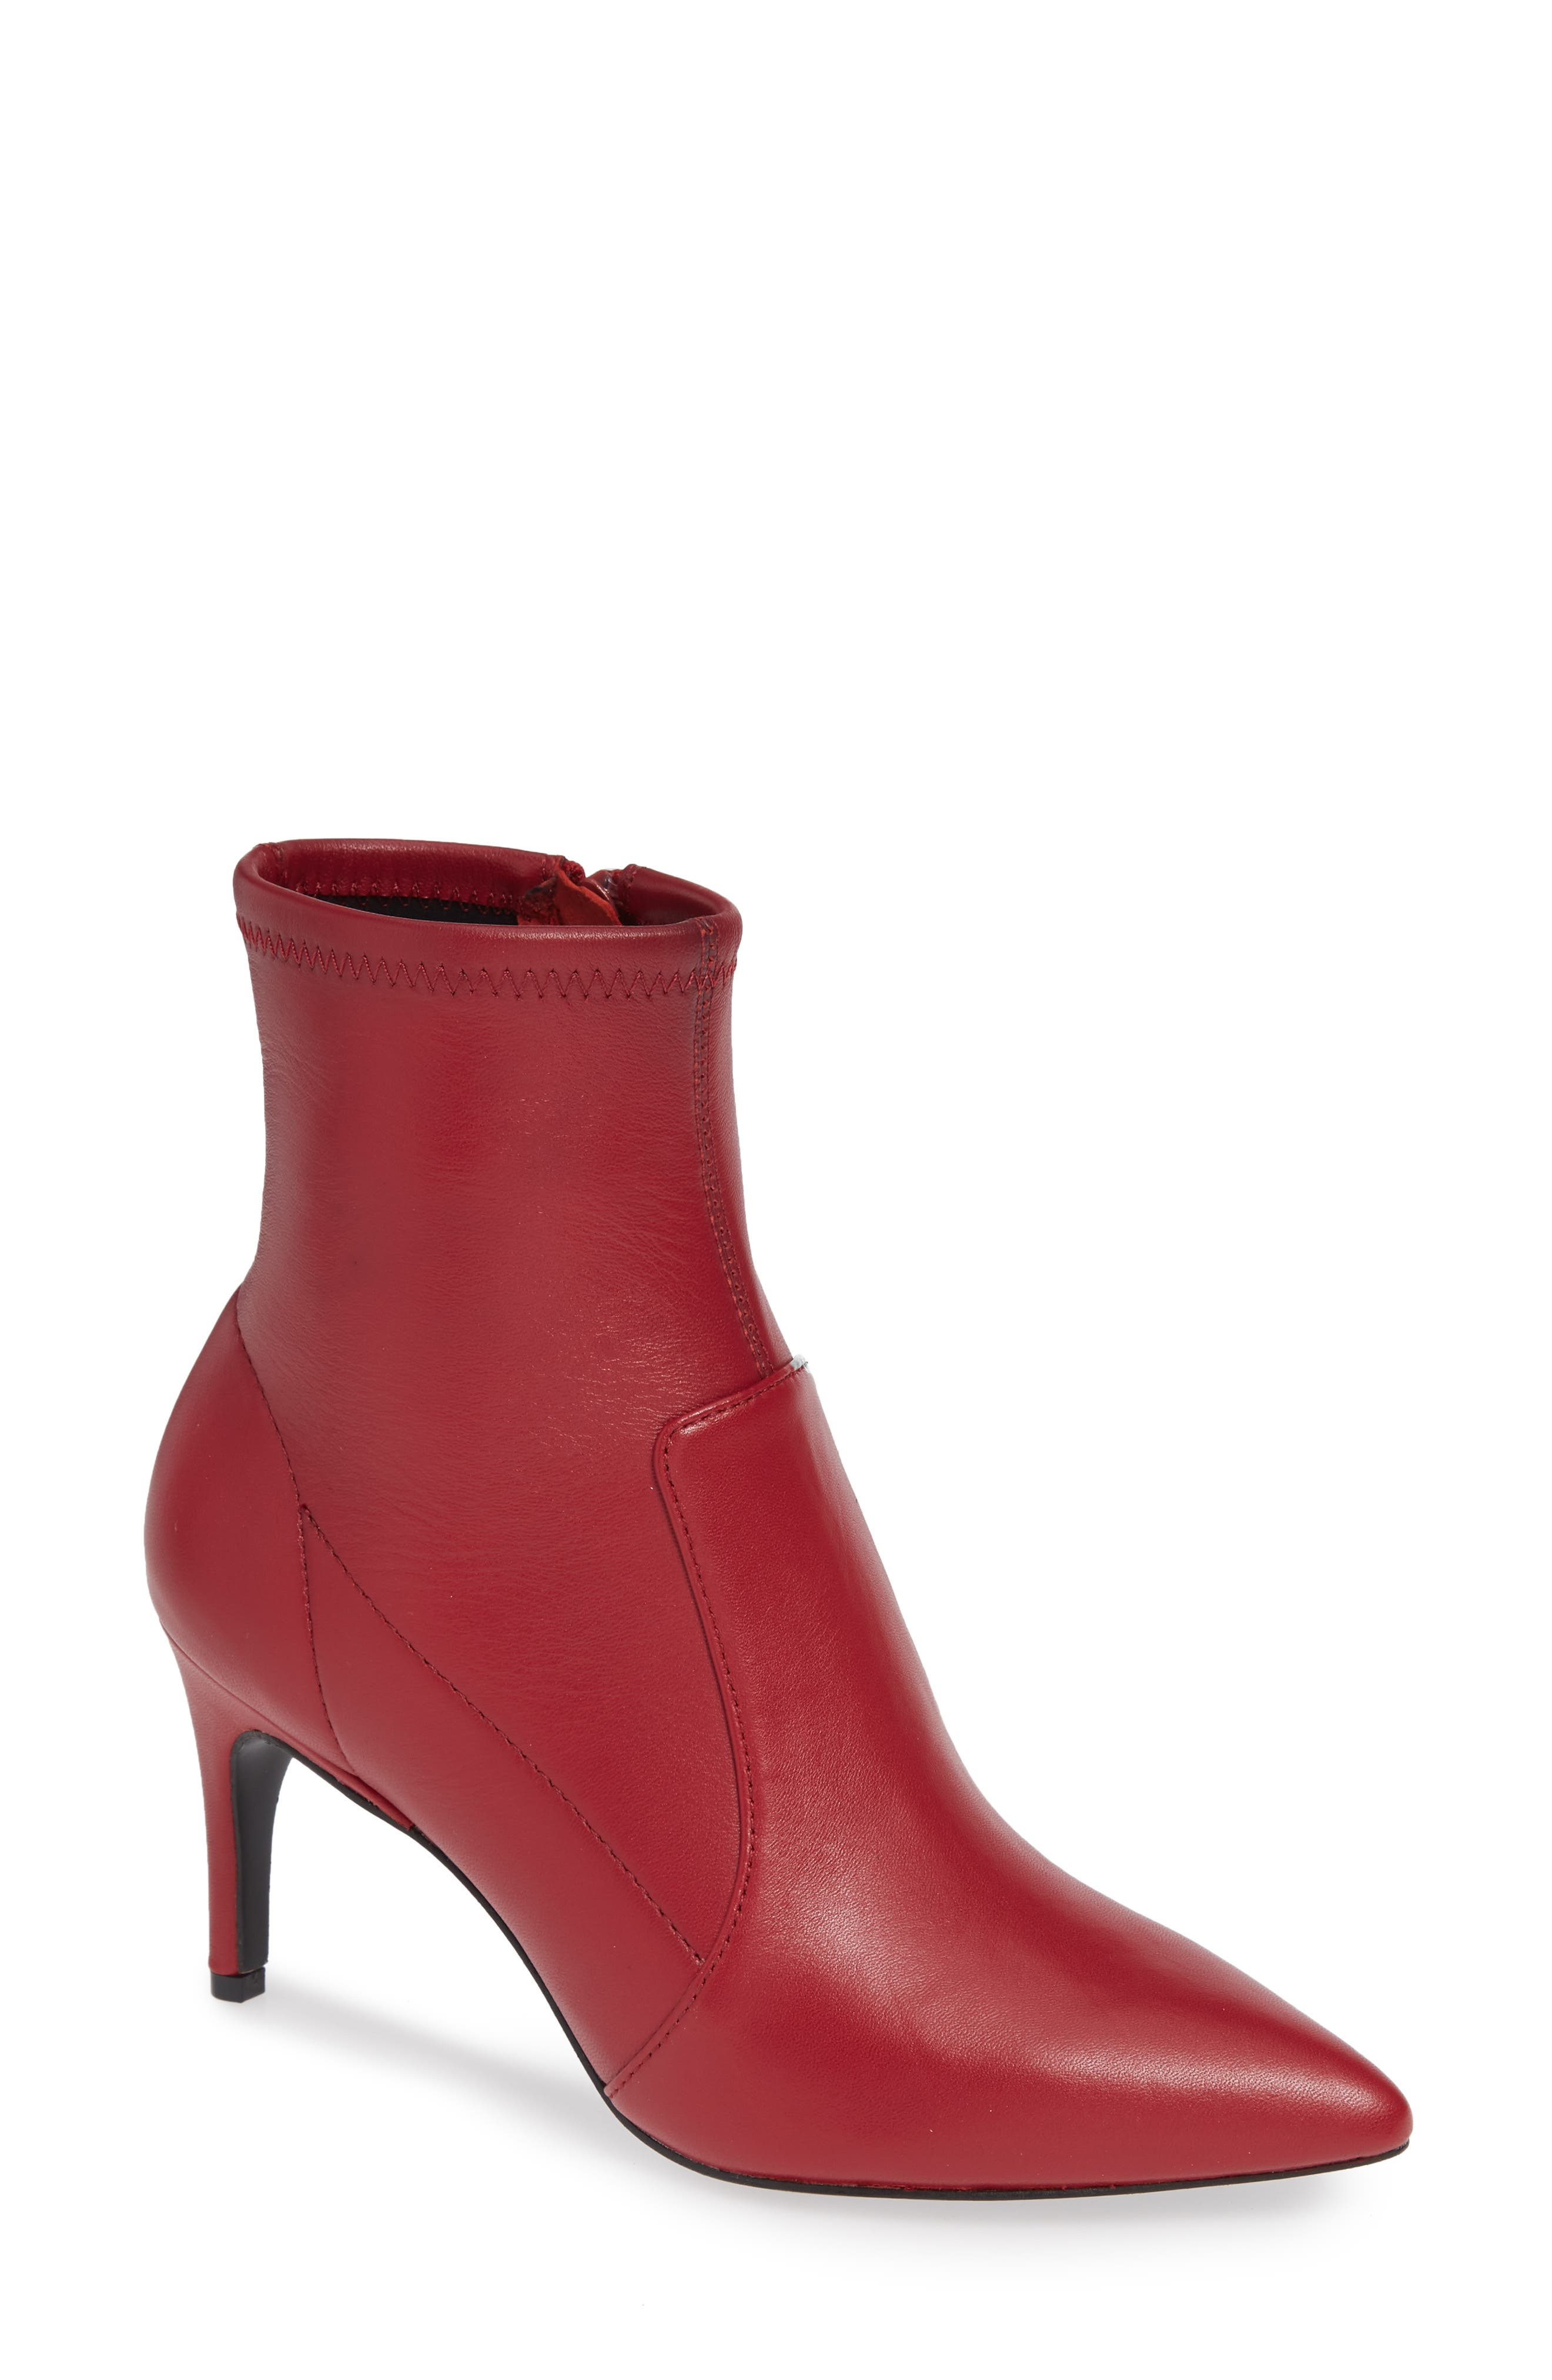 Charles David Pride Boot, Red